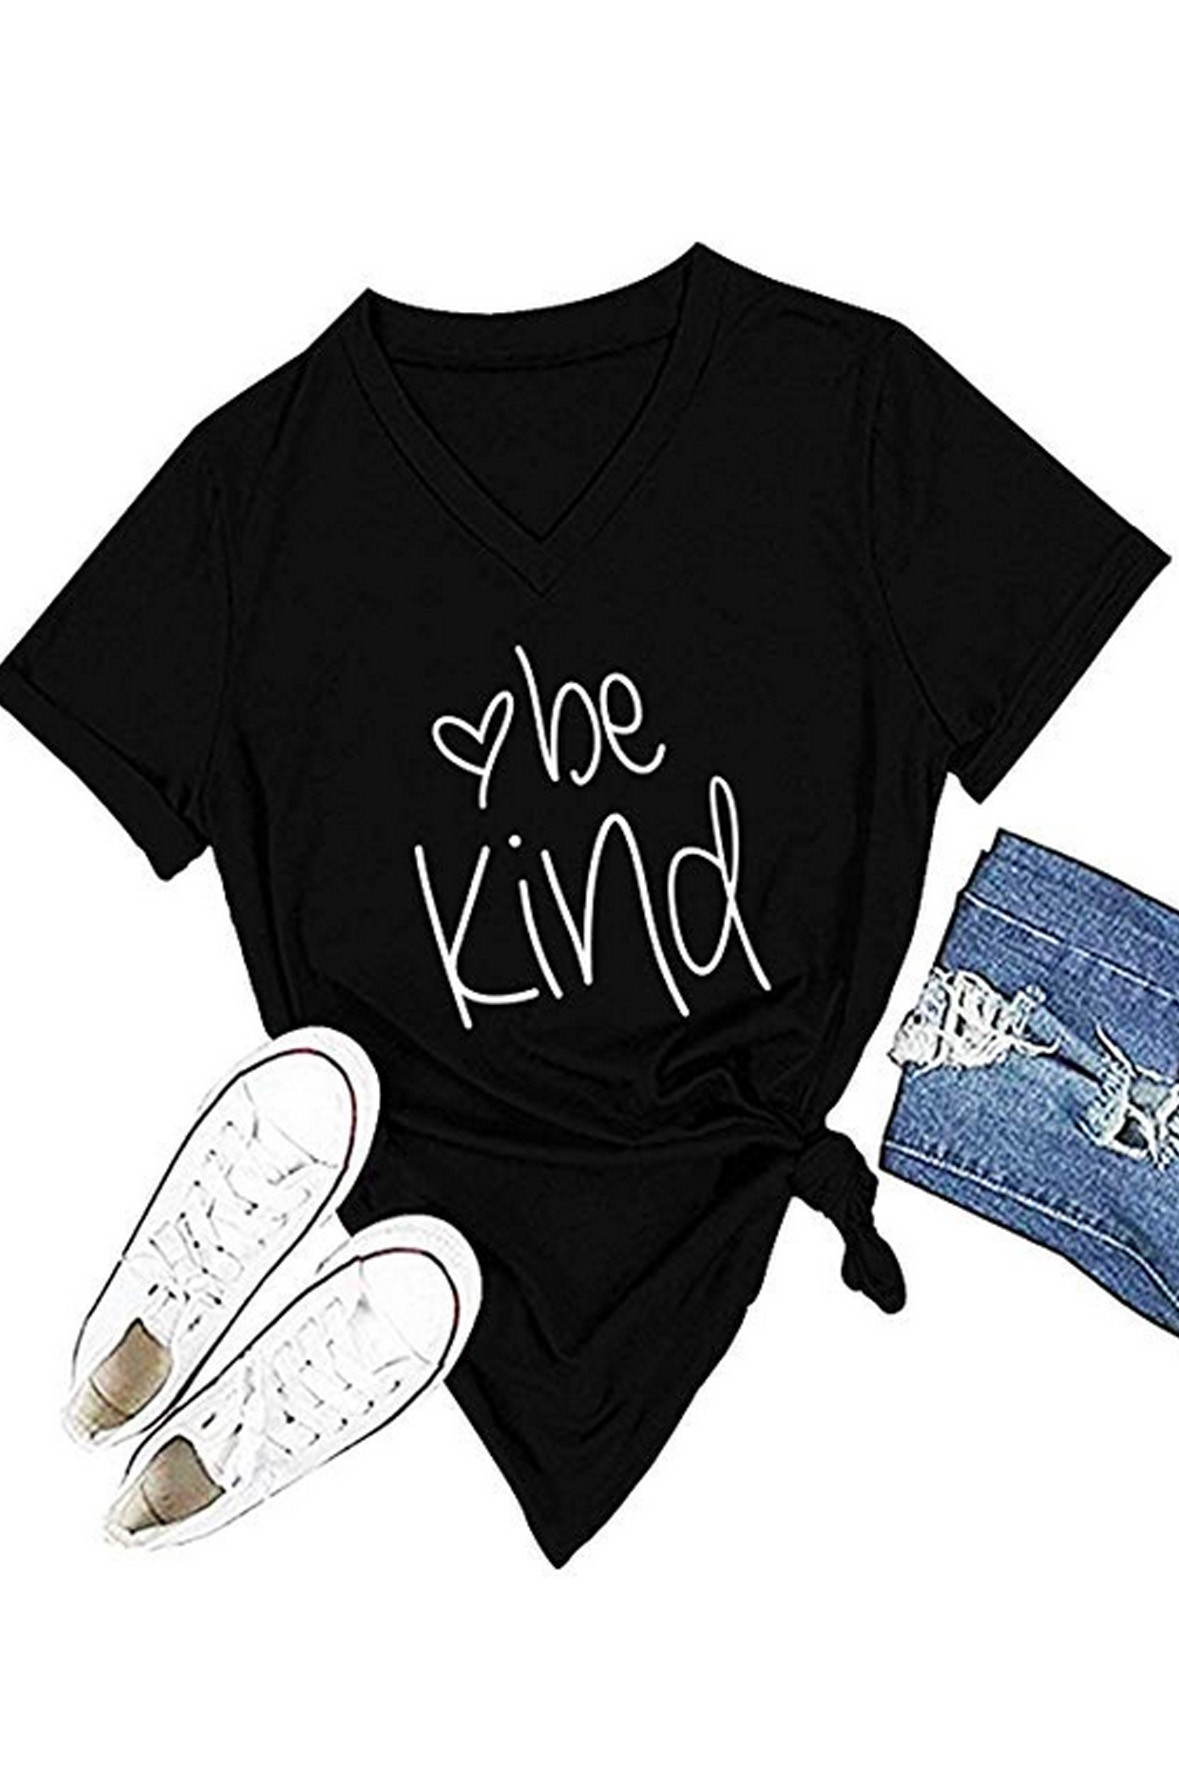 Be kind black tee